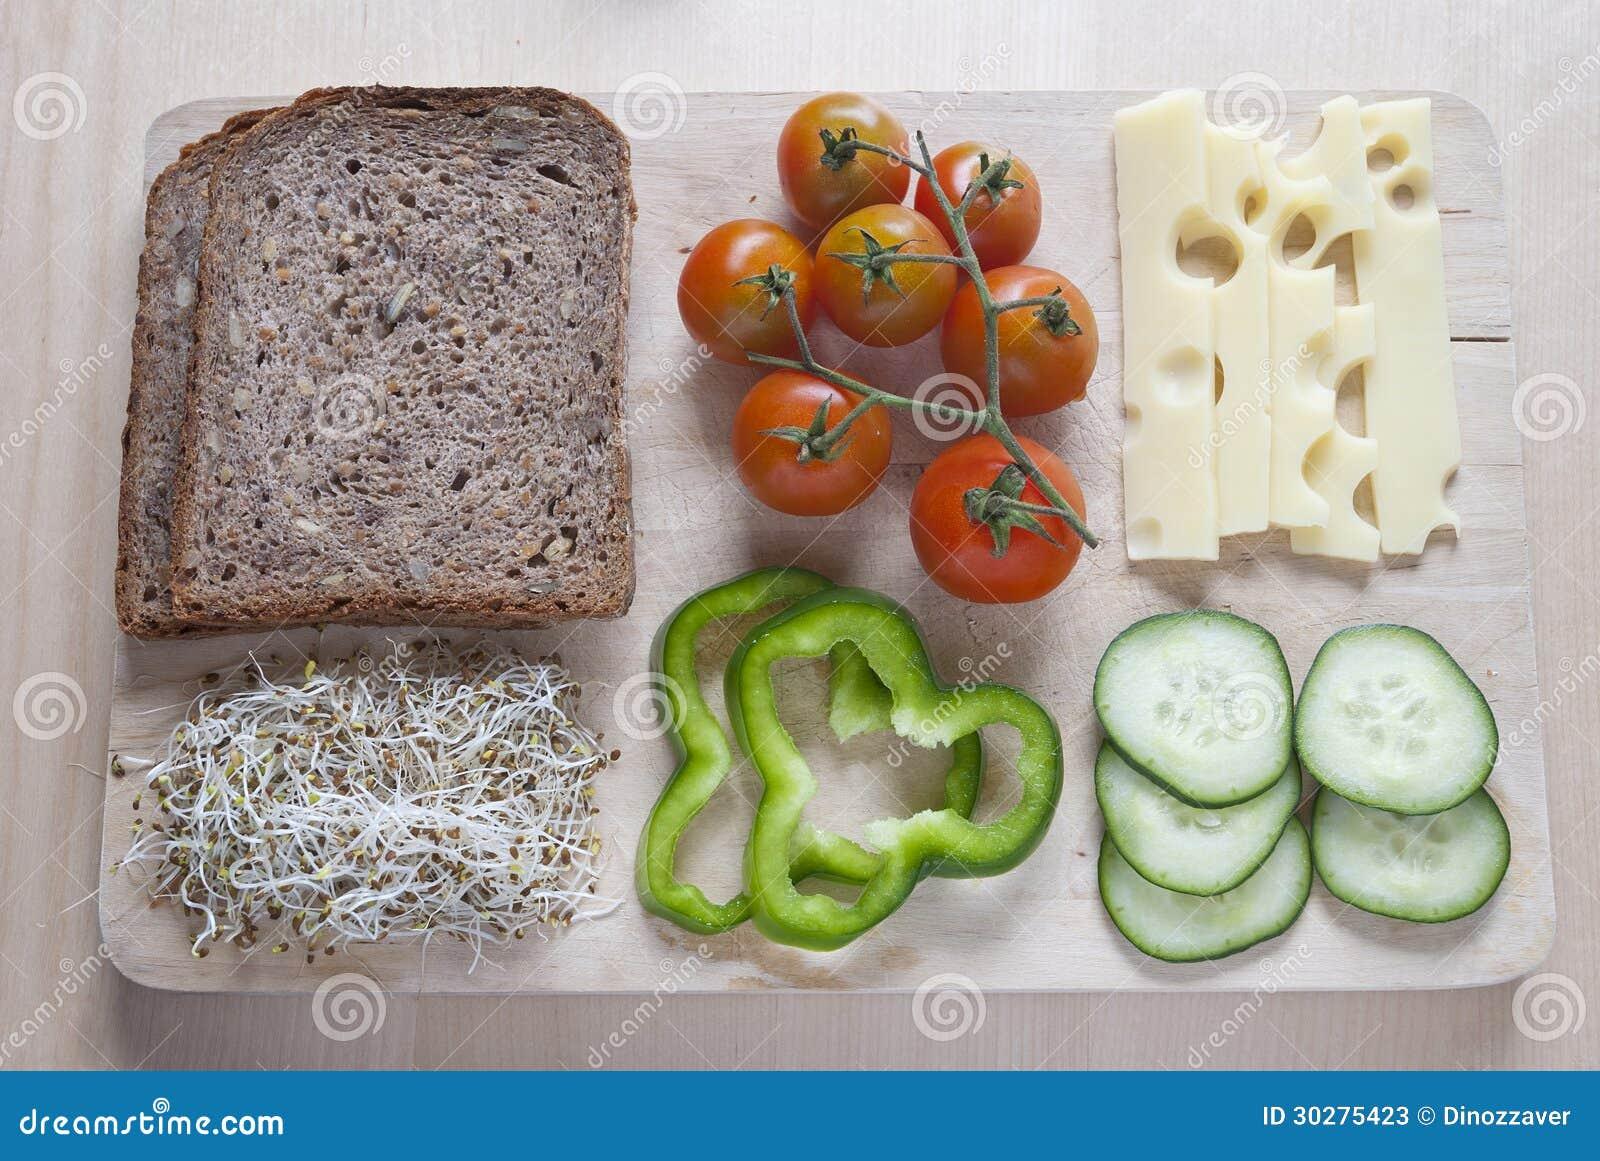 未加工的食物ingredinent在木切板